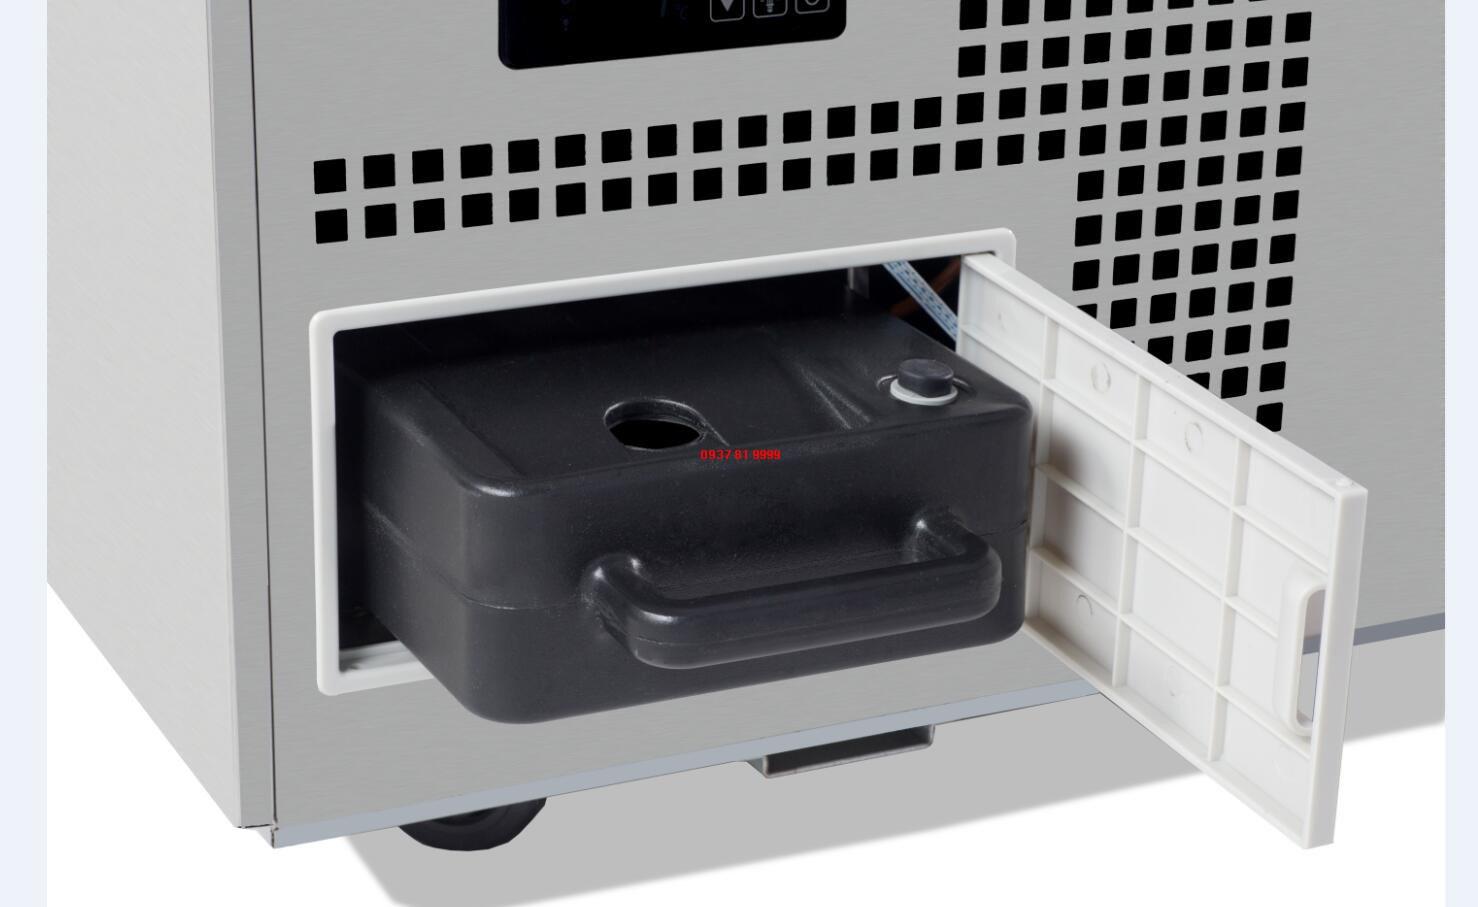 Tủ trưng bày bánh 2 tầng Turbo Air BP2400-2 - ảnh 3